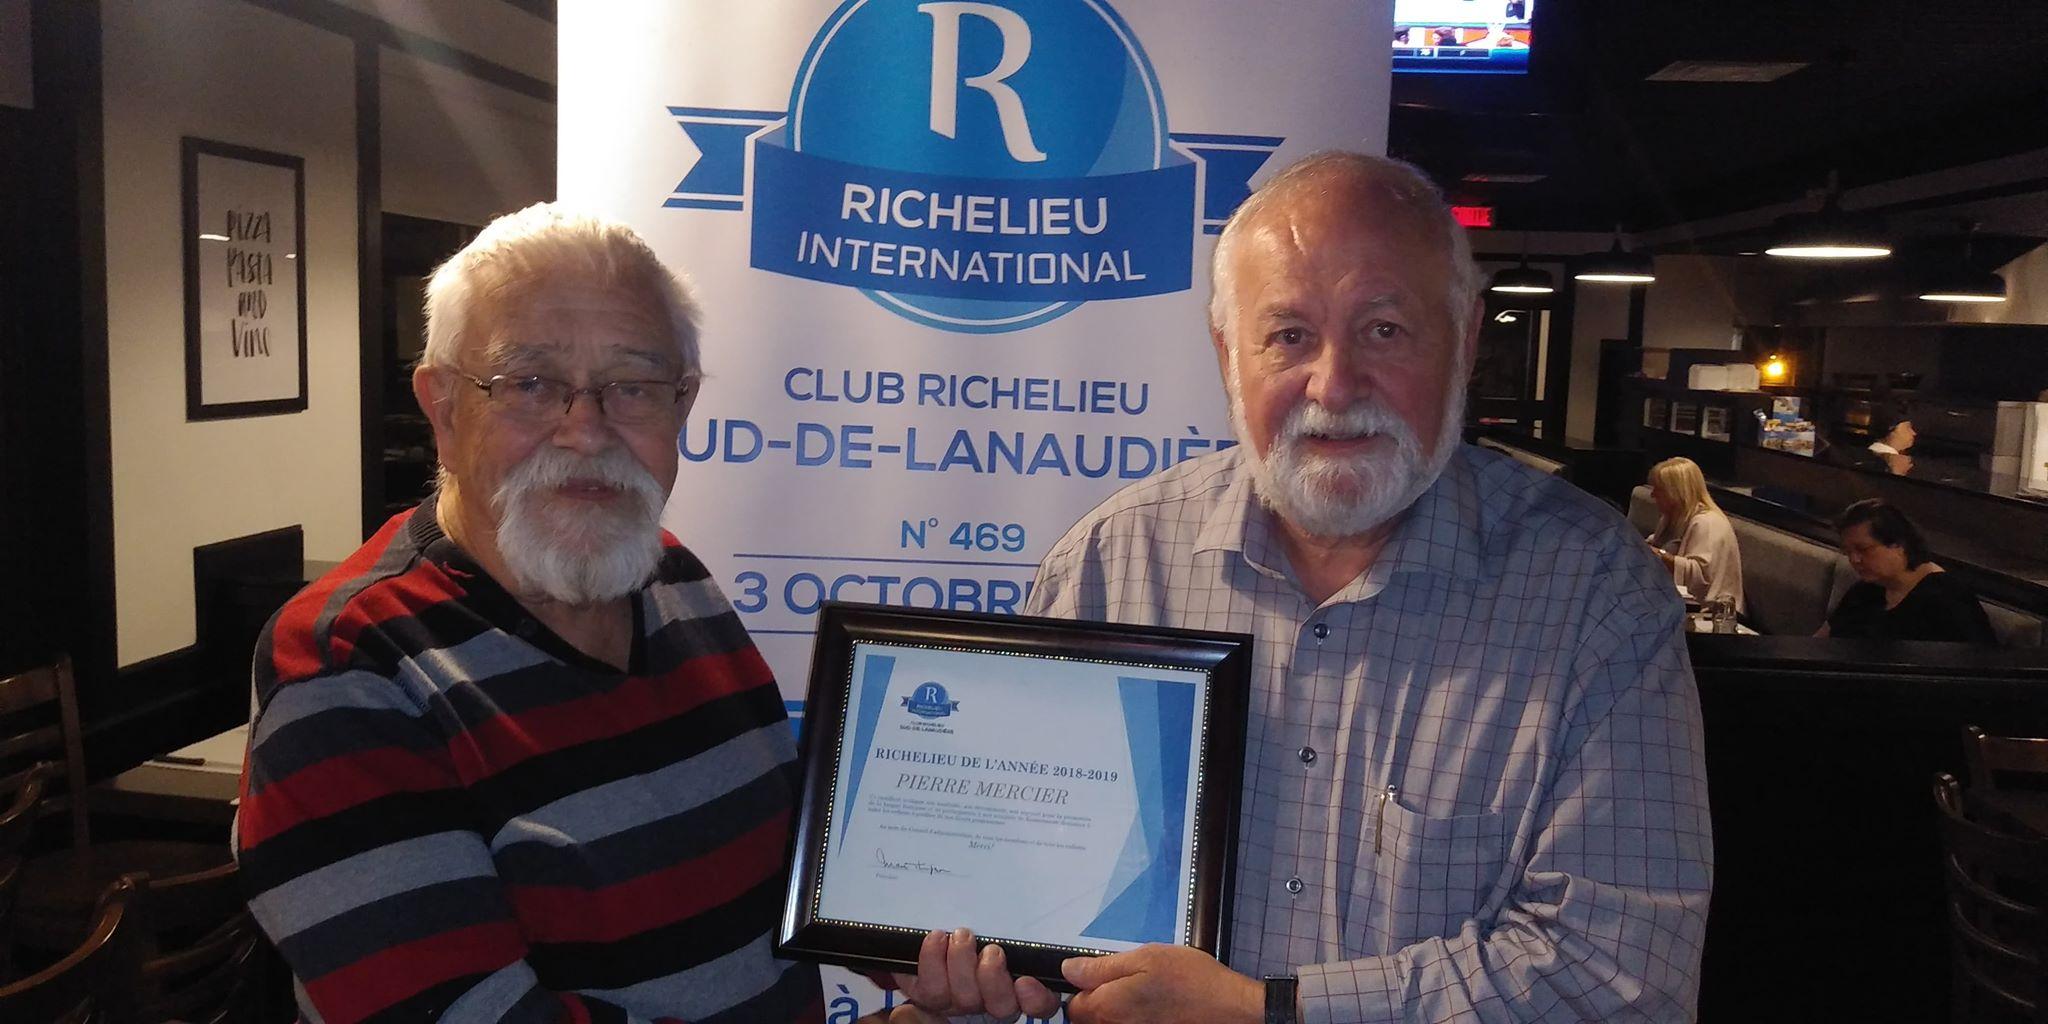 Club Richelieu sud de Lanaudière